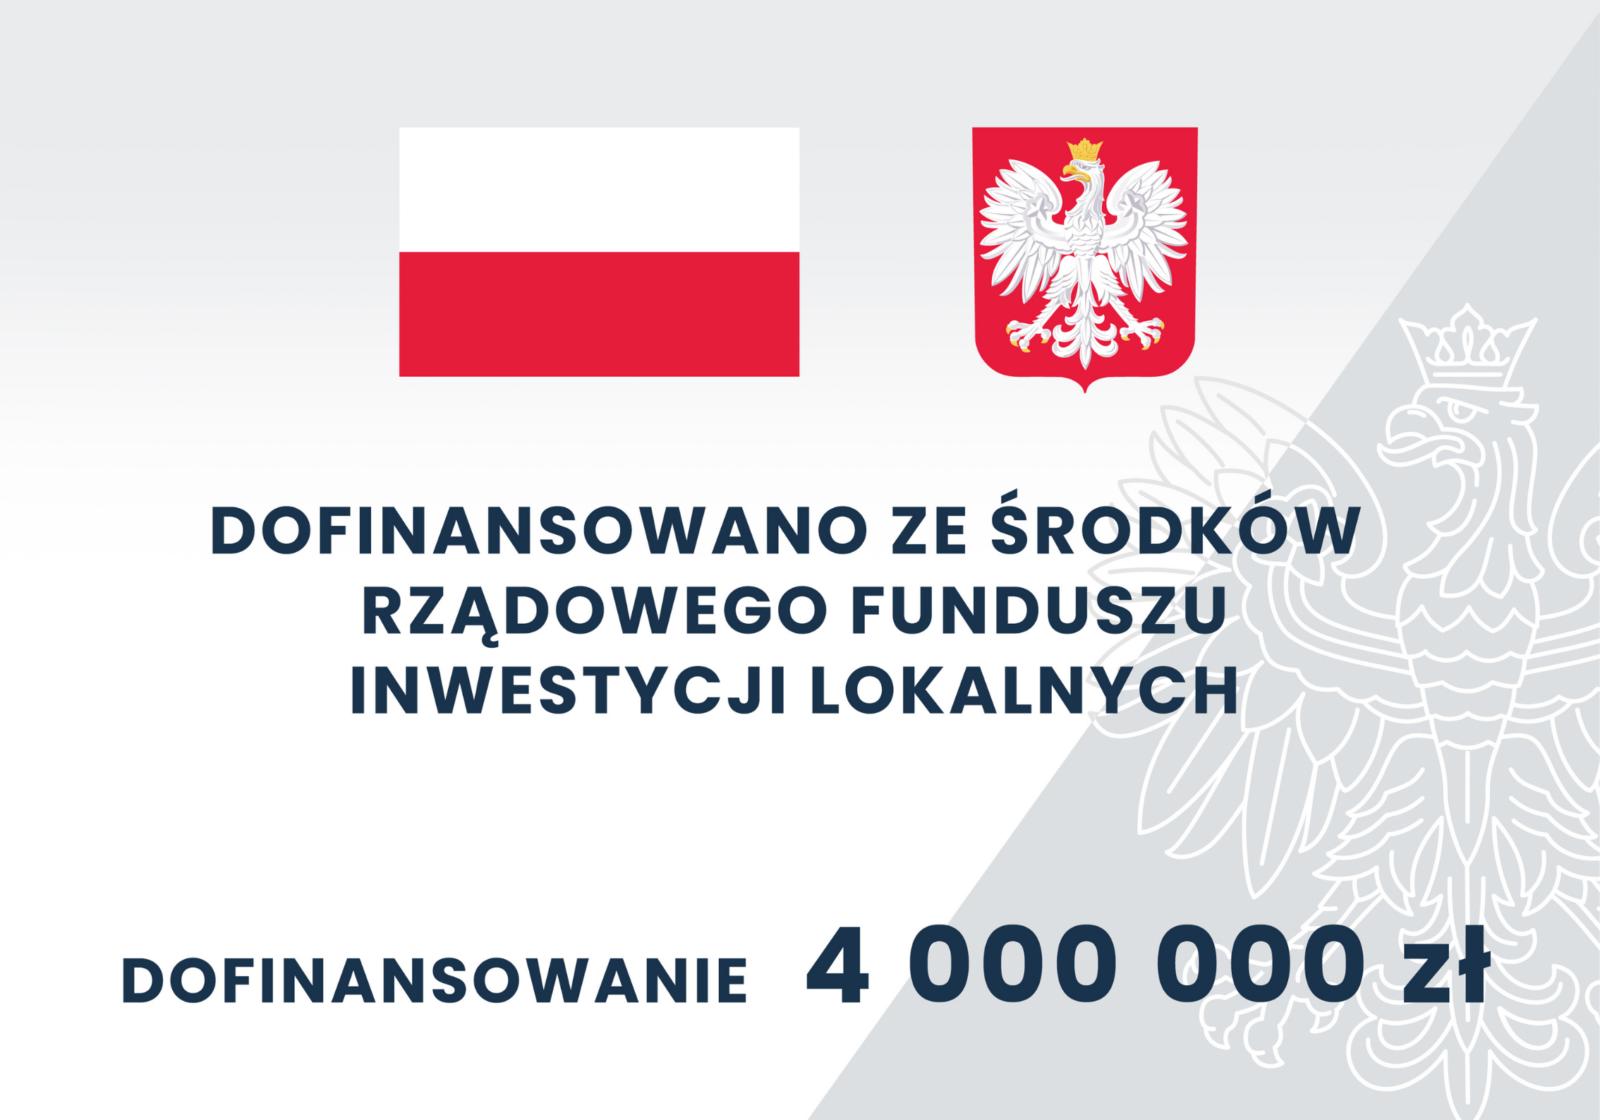 Dofinansowano ze środków rządowego funduszu inwestycji lokalnych - infografika